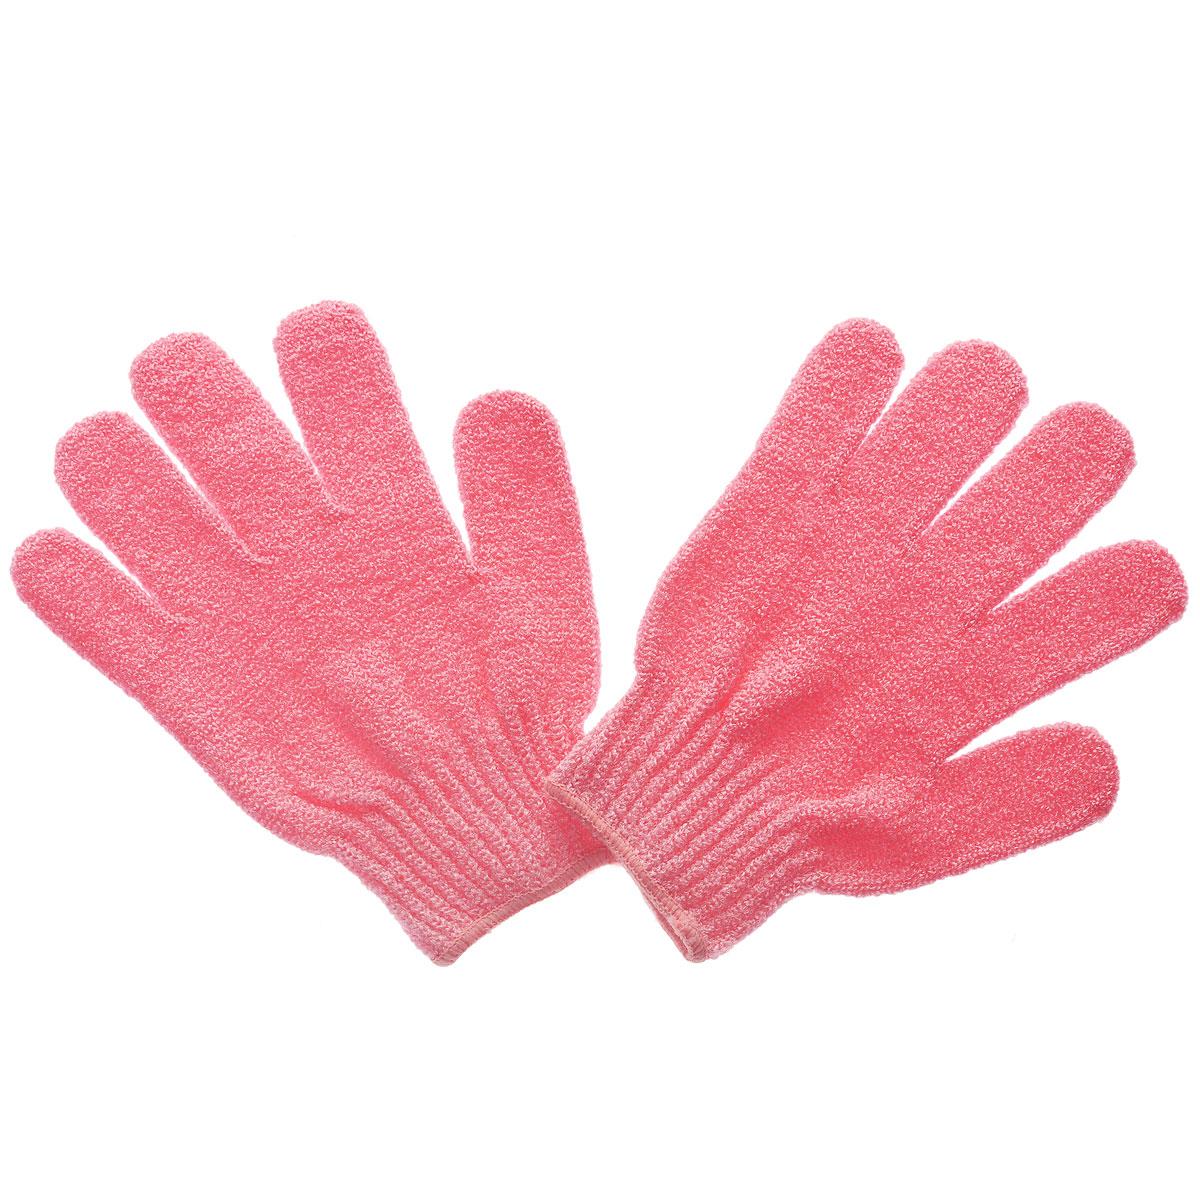 Riffi Перчатки для пилинга, цвет: коралловый615 коралловыйЭластичные безразмерные перчатки Riffi обладают активным антицеллюлитным эффектом и отличным пилинговым действием, тонизируя, массируя и эффективно очищая вашу кожу.Riffi освобождает кожу от отмерших клеток, стимулирует регенерацию. Эффективно предупреждают образование целлюлита и обеспечивают омолаживающий эффект. Кожа становится гладкой, упругой и лучше готовой к принятию косметических средств. Интенсивный и пощипывающе свежий массаж тела с применением Riffi стимулирует кровообращение, активирует кровоснабжение, способствует обмену веществ. В комплекте 1 пара перчаток. Материал: 100% полиакрил. Размер перчатки (в нерастянутом виде): 17,5 см x 12,5 см.